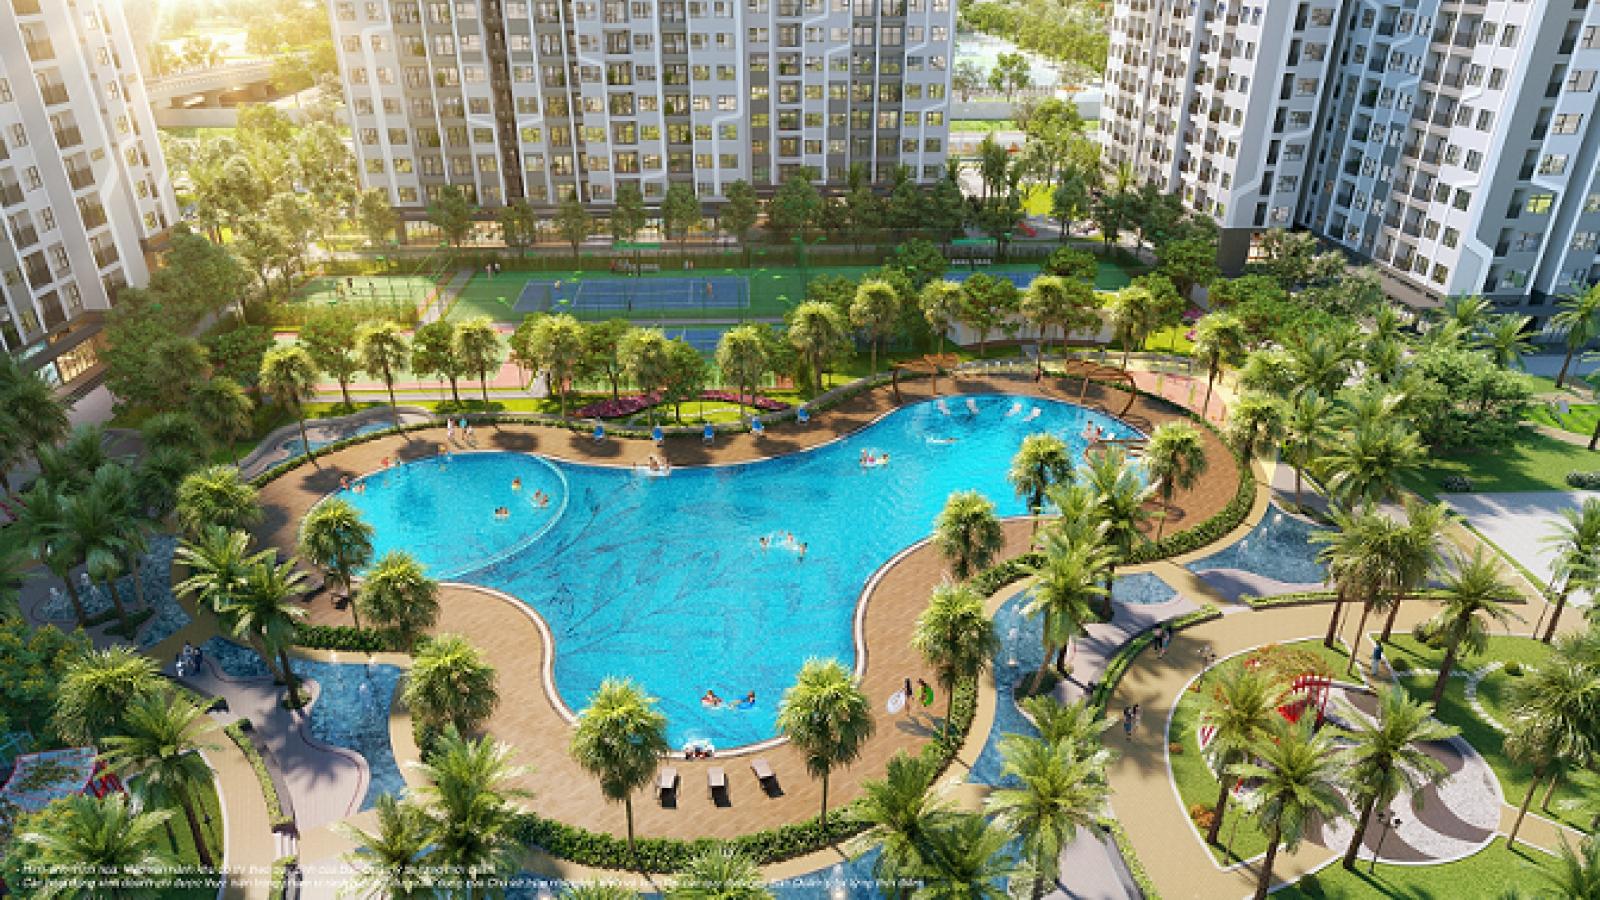 Mua nhà The Miami hưởng trọn công viên nội khu phong cách Mỹ